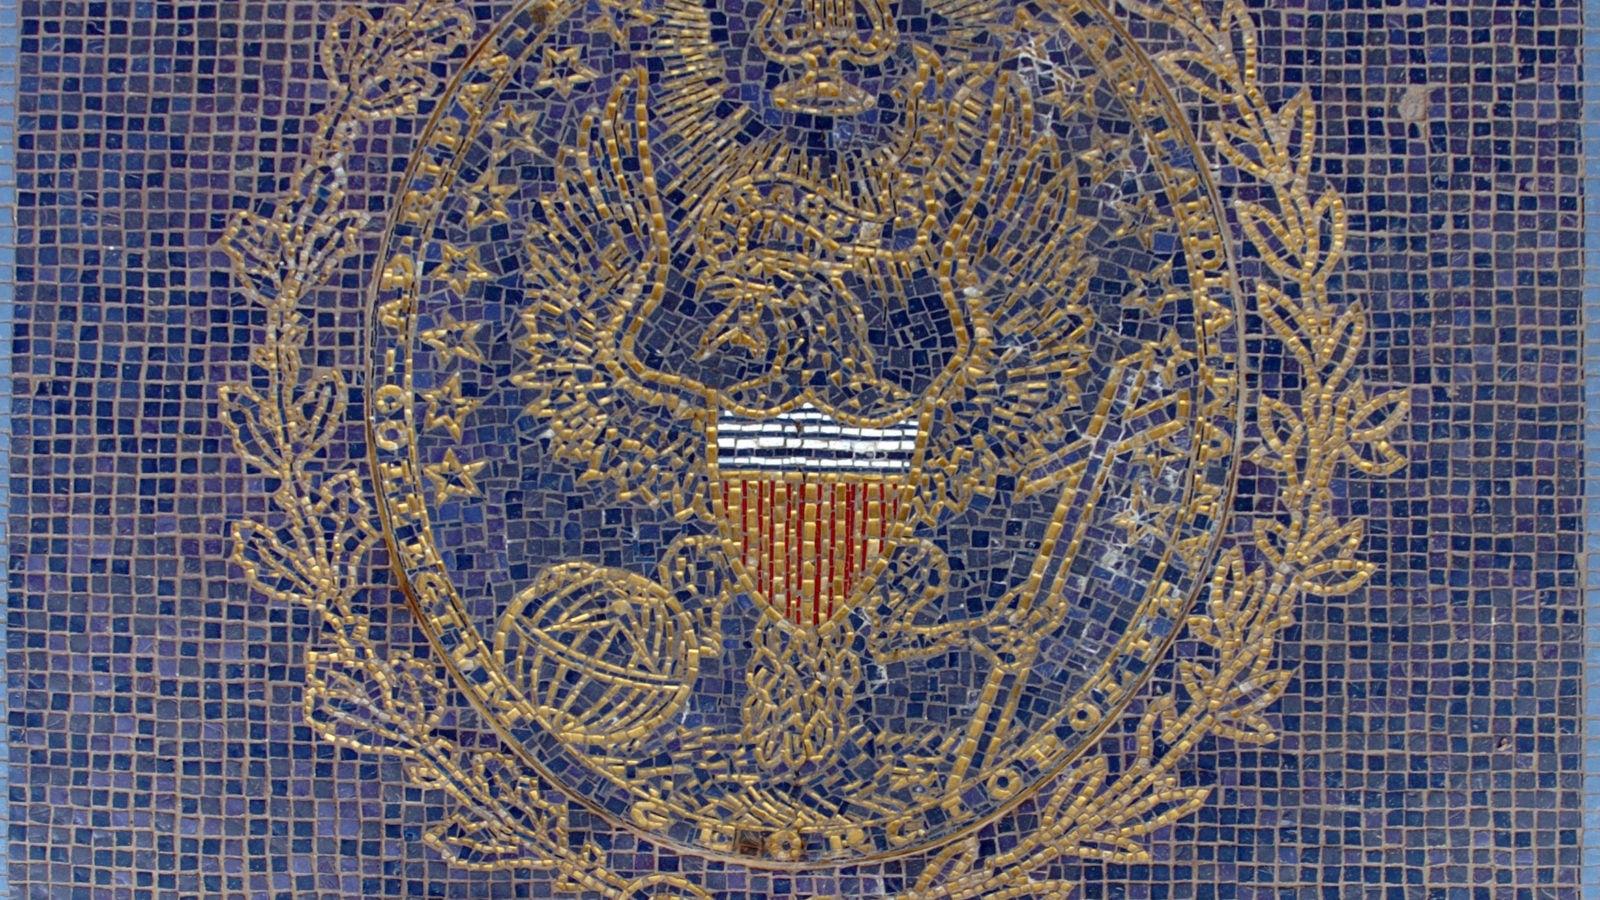 Georgetown seal in mosaic tile